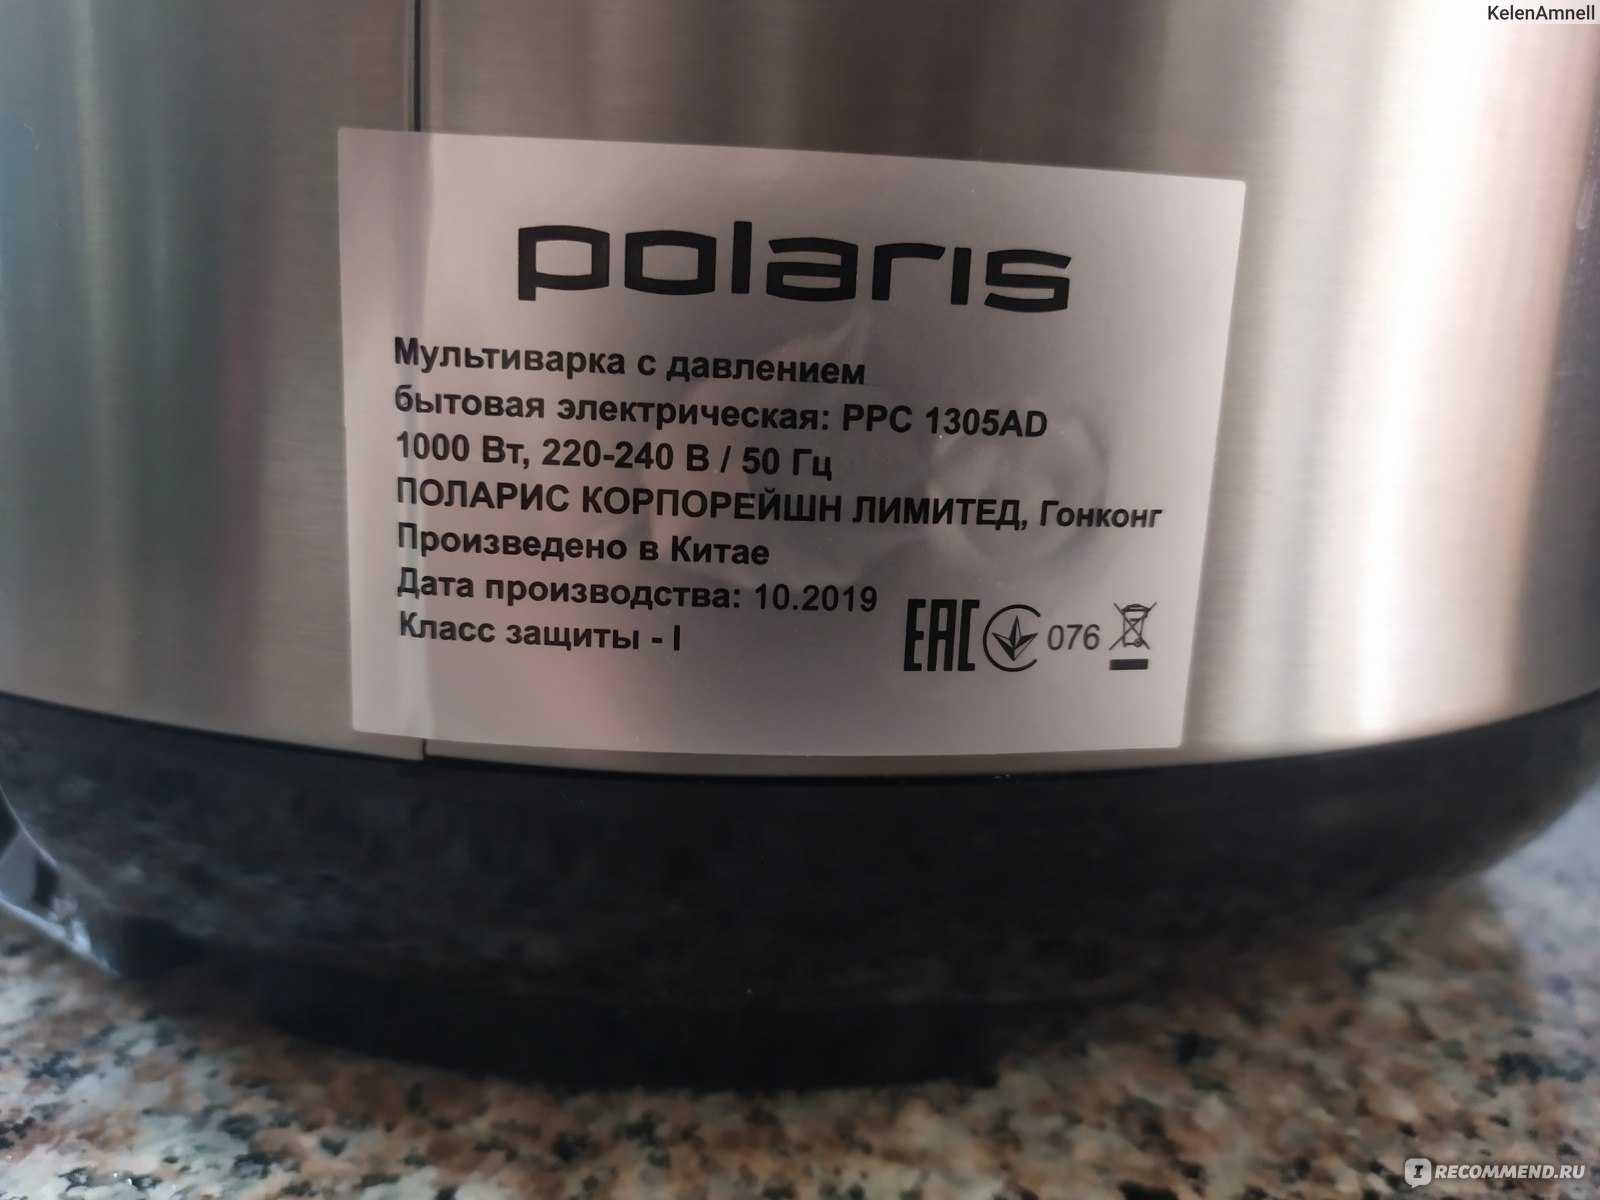 Мультиварка-скороварка polaris ppc 0705ad - обзор режимов описание программ, отзывы